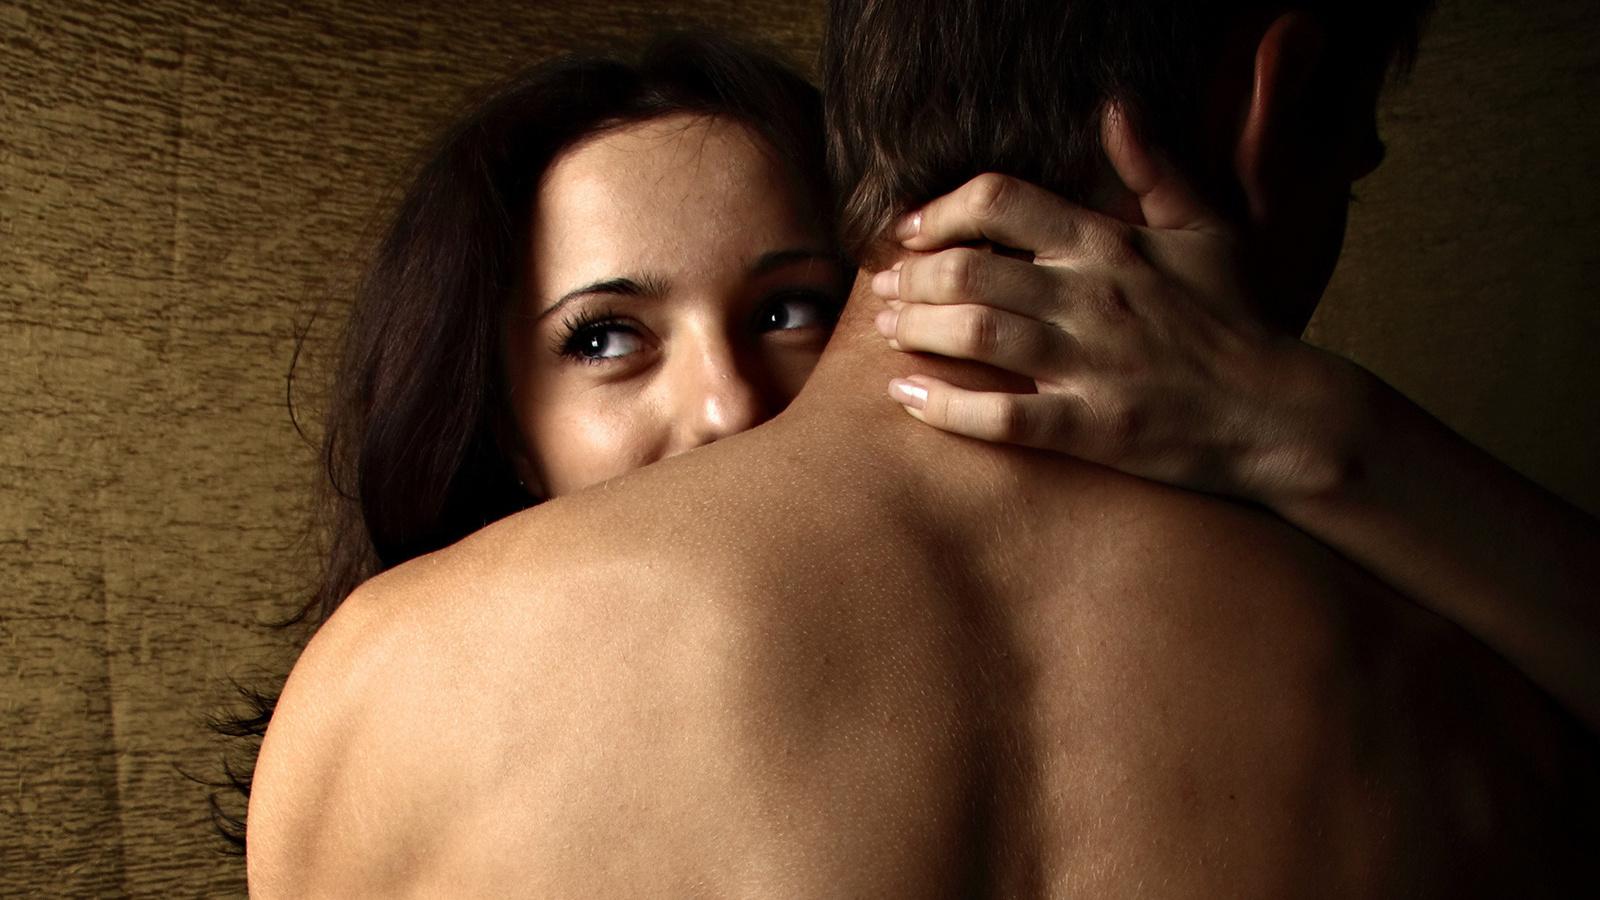 Секс с мужчина девочкой 18 фотография